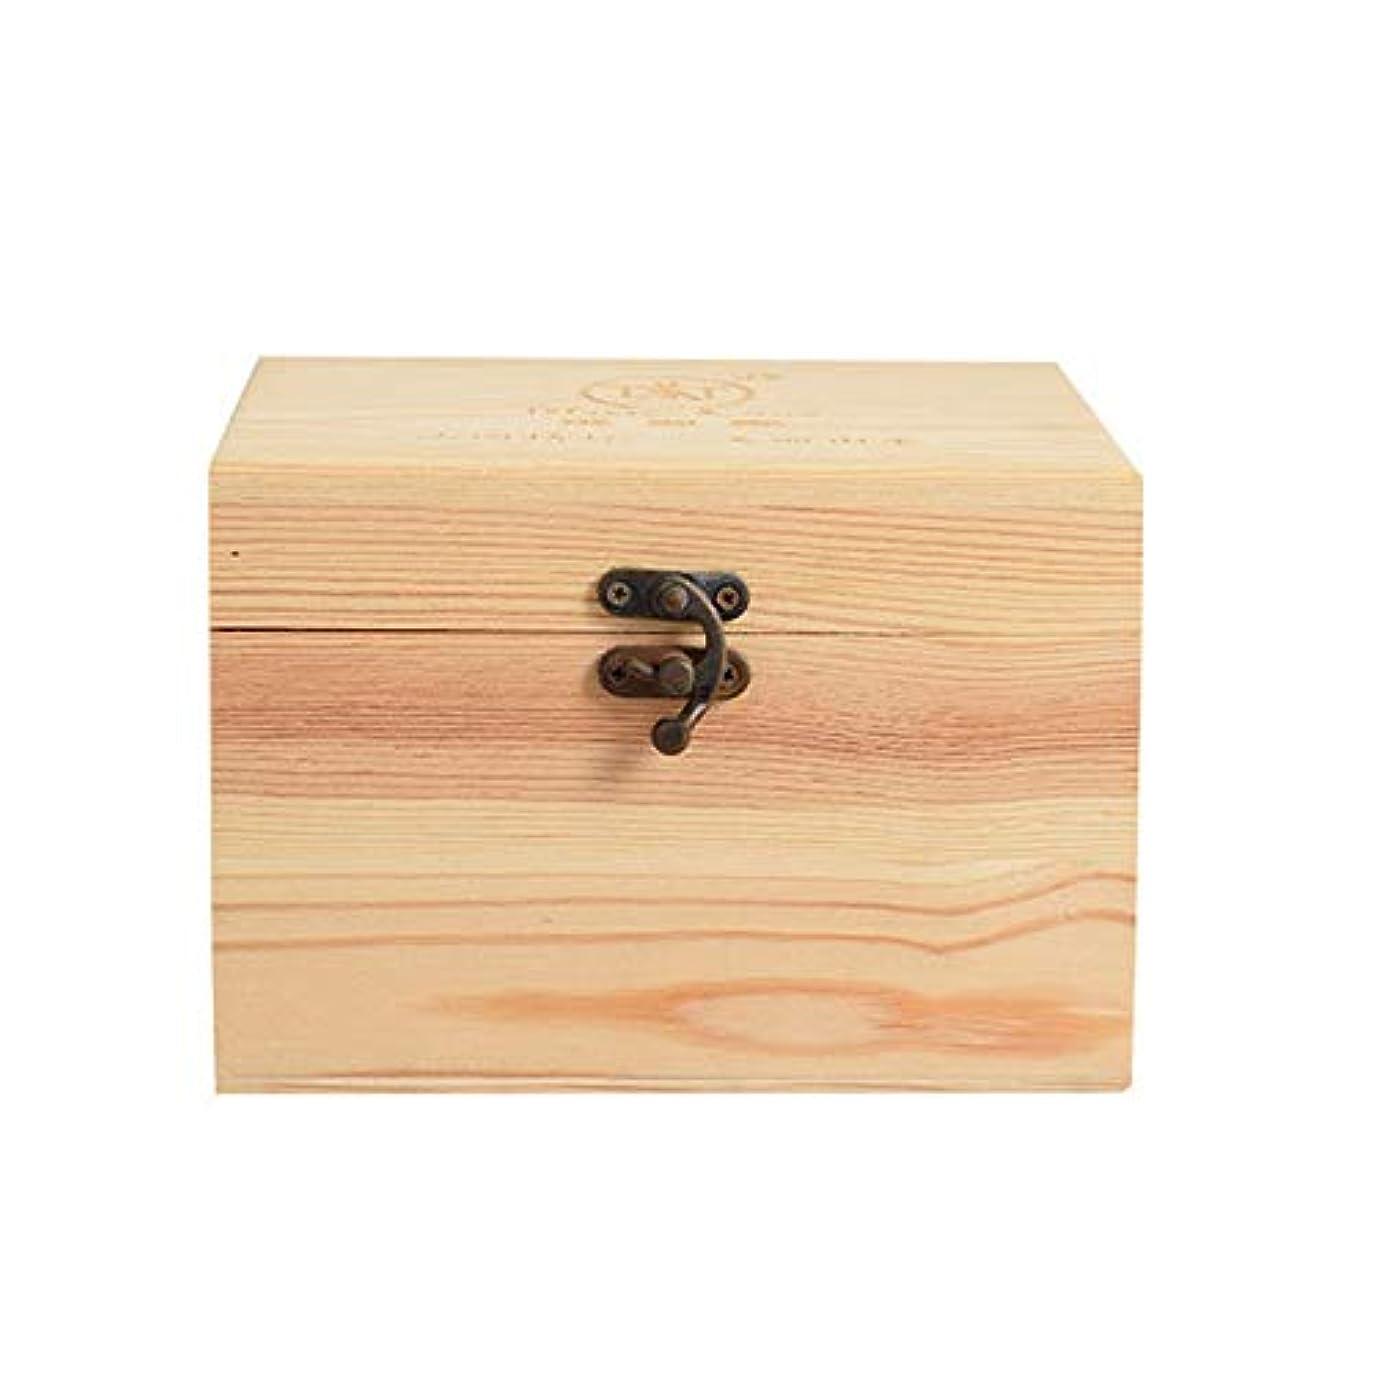 いろいろエトナ山確認プレゼンテーションのために9ボトル木製エッセンシャルオイルストレージボックスパーフェクトエッセンシャルオイルケースは被害太陽光からあなたの油を保護します アロマセラピー製品 (色 : Natural, サイズ : 16.5X11.5X15CM)